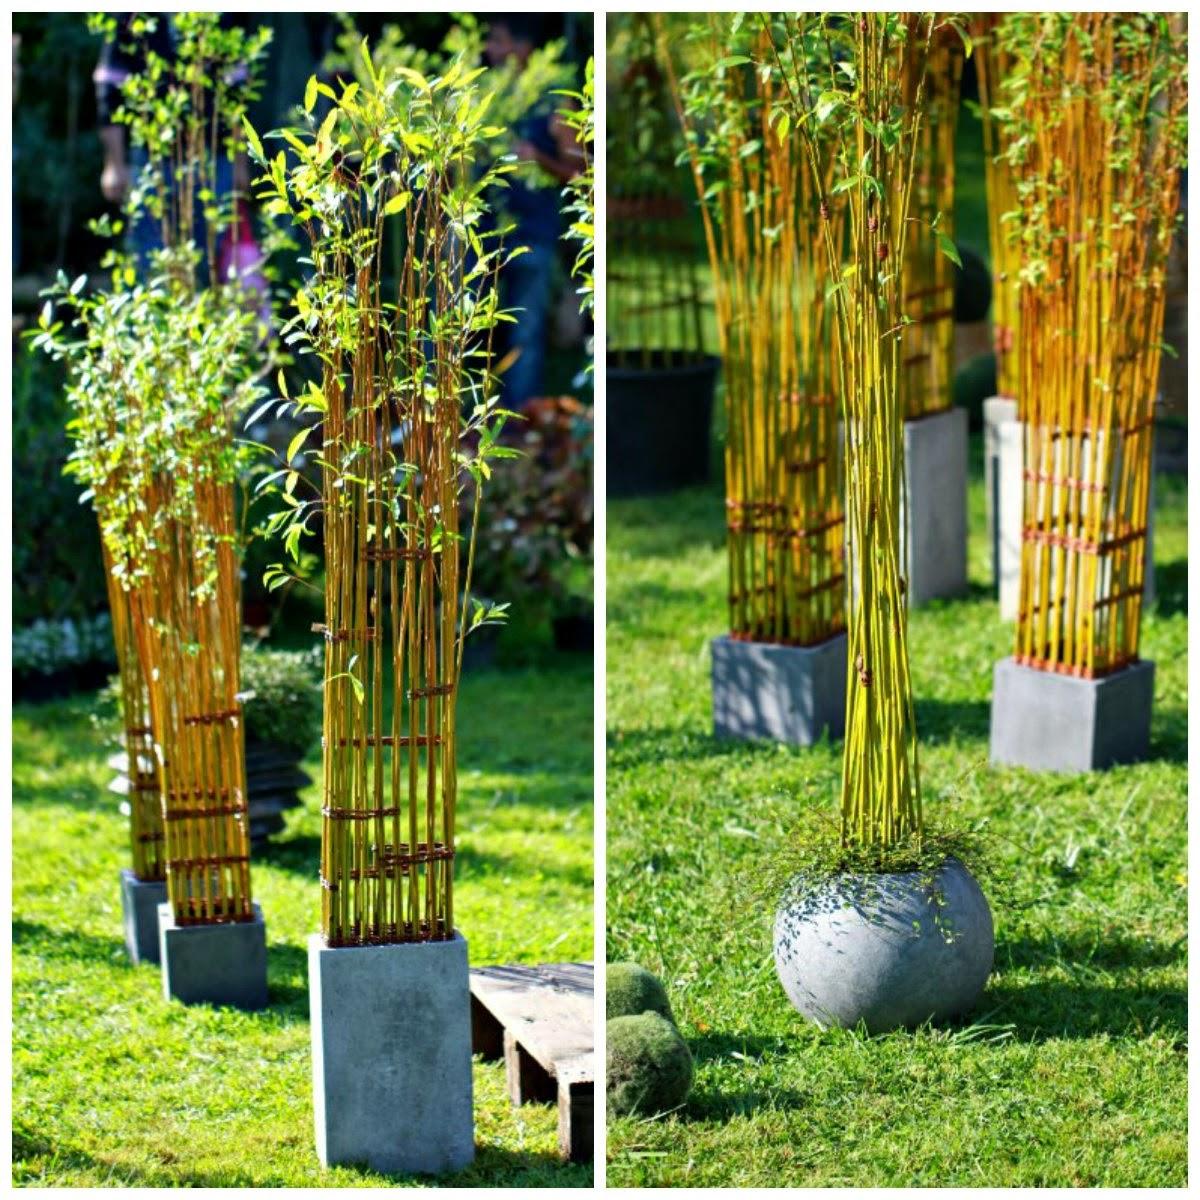 Le jardin des poussins oser l 39 osier vivant for Jardin en seine 2015